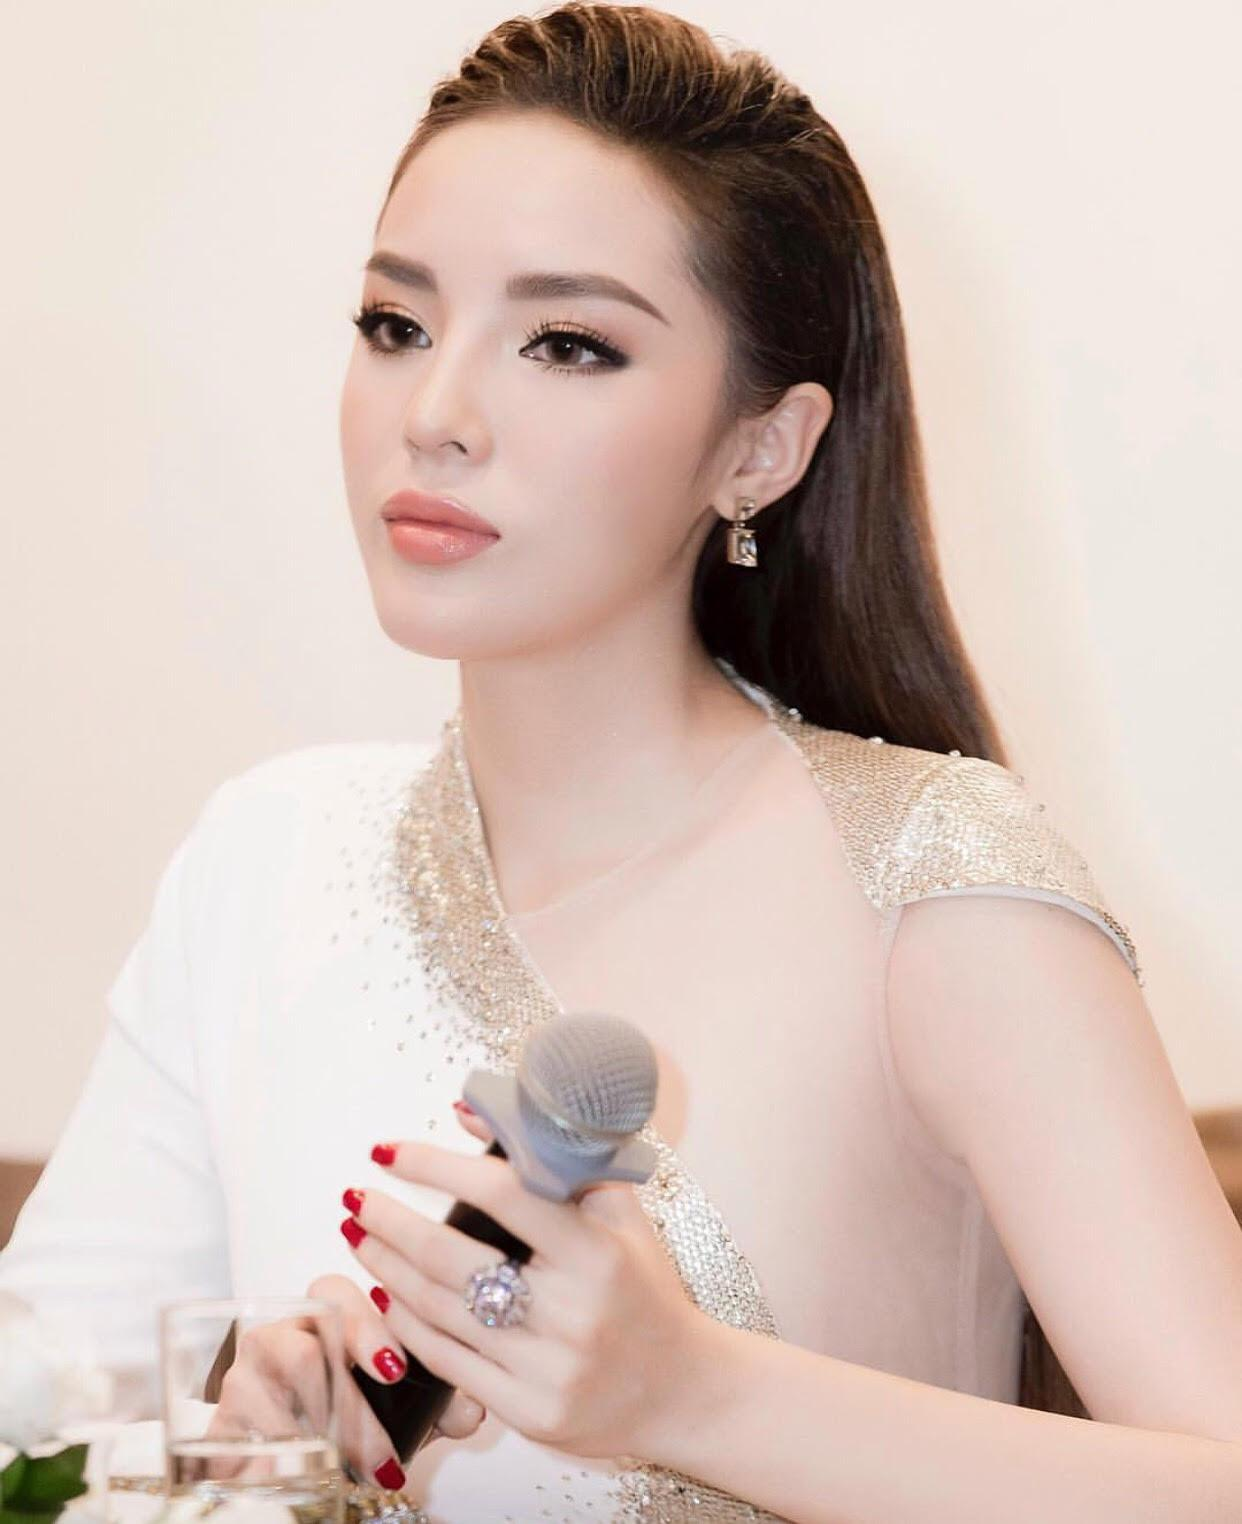 Sao Việt tô son nude: Người đỉnh cao sang trọng, kẻ chìm xuồng quê mùa-1